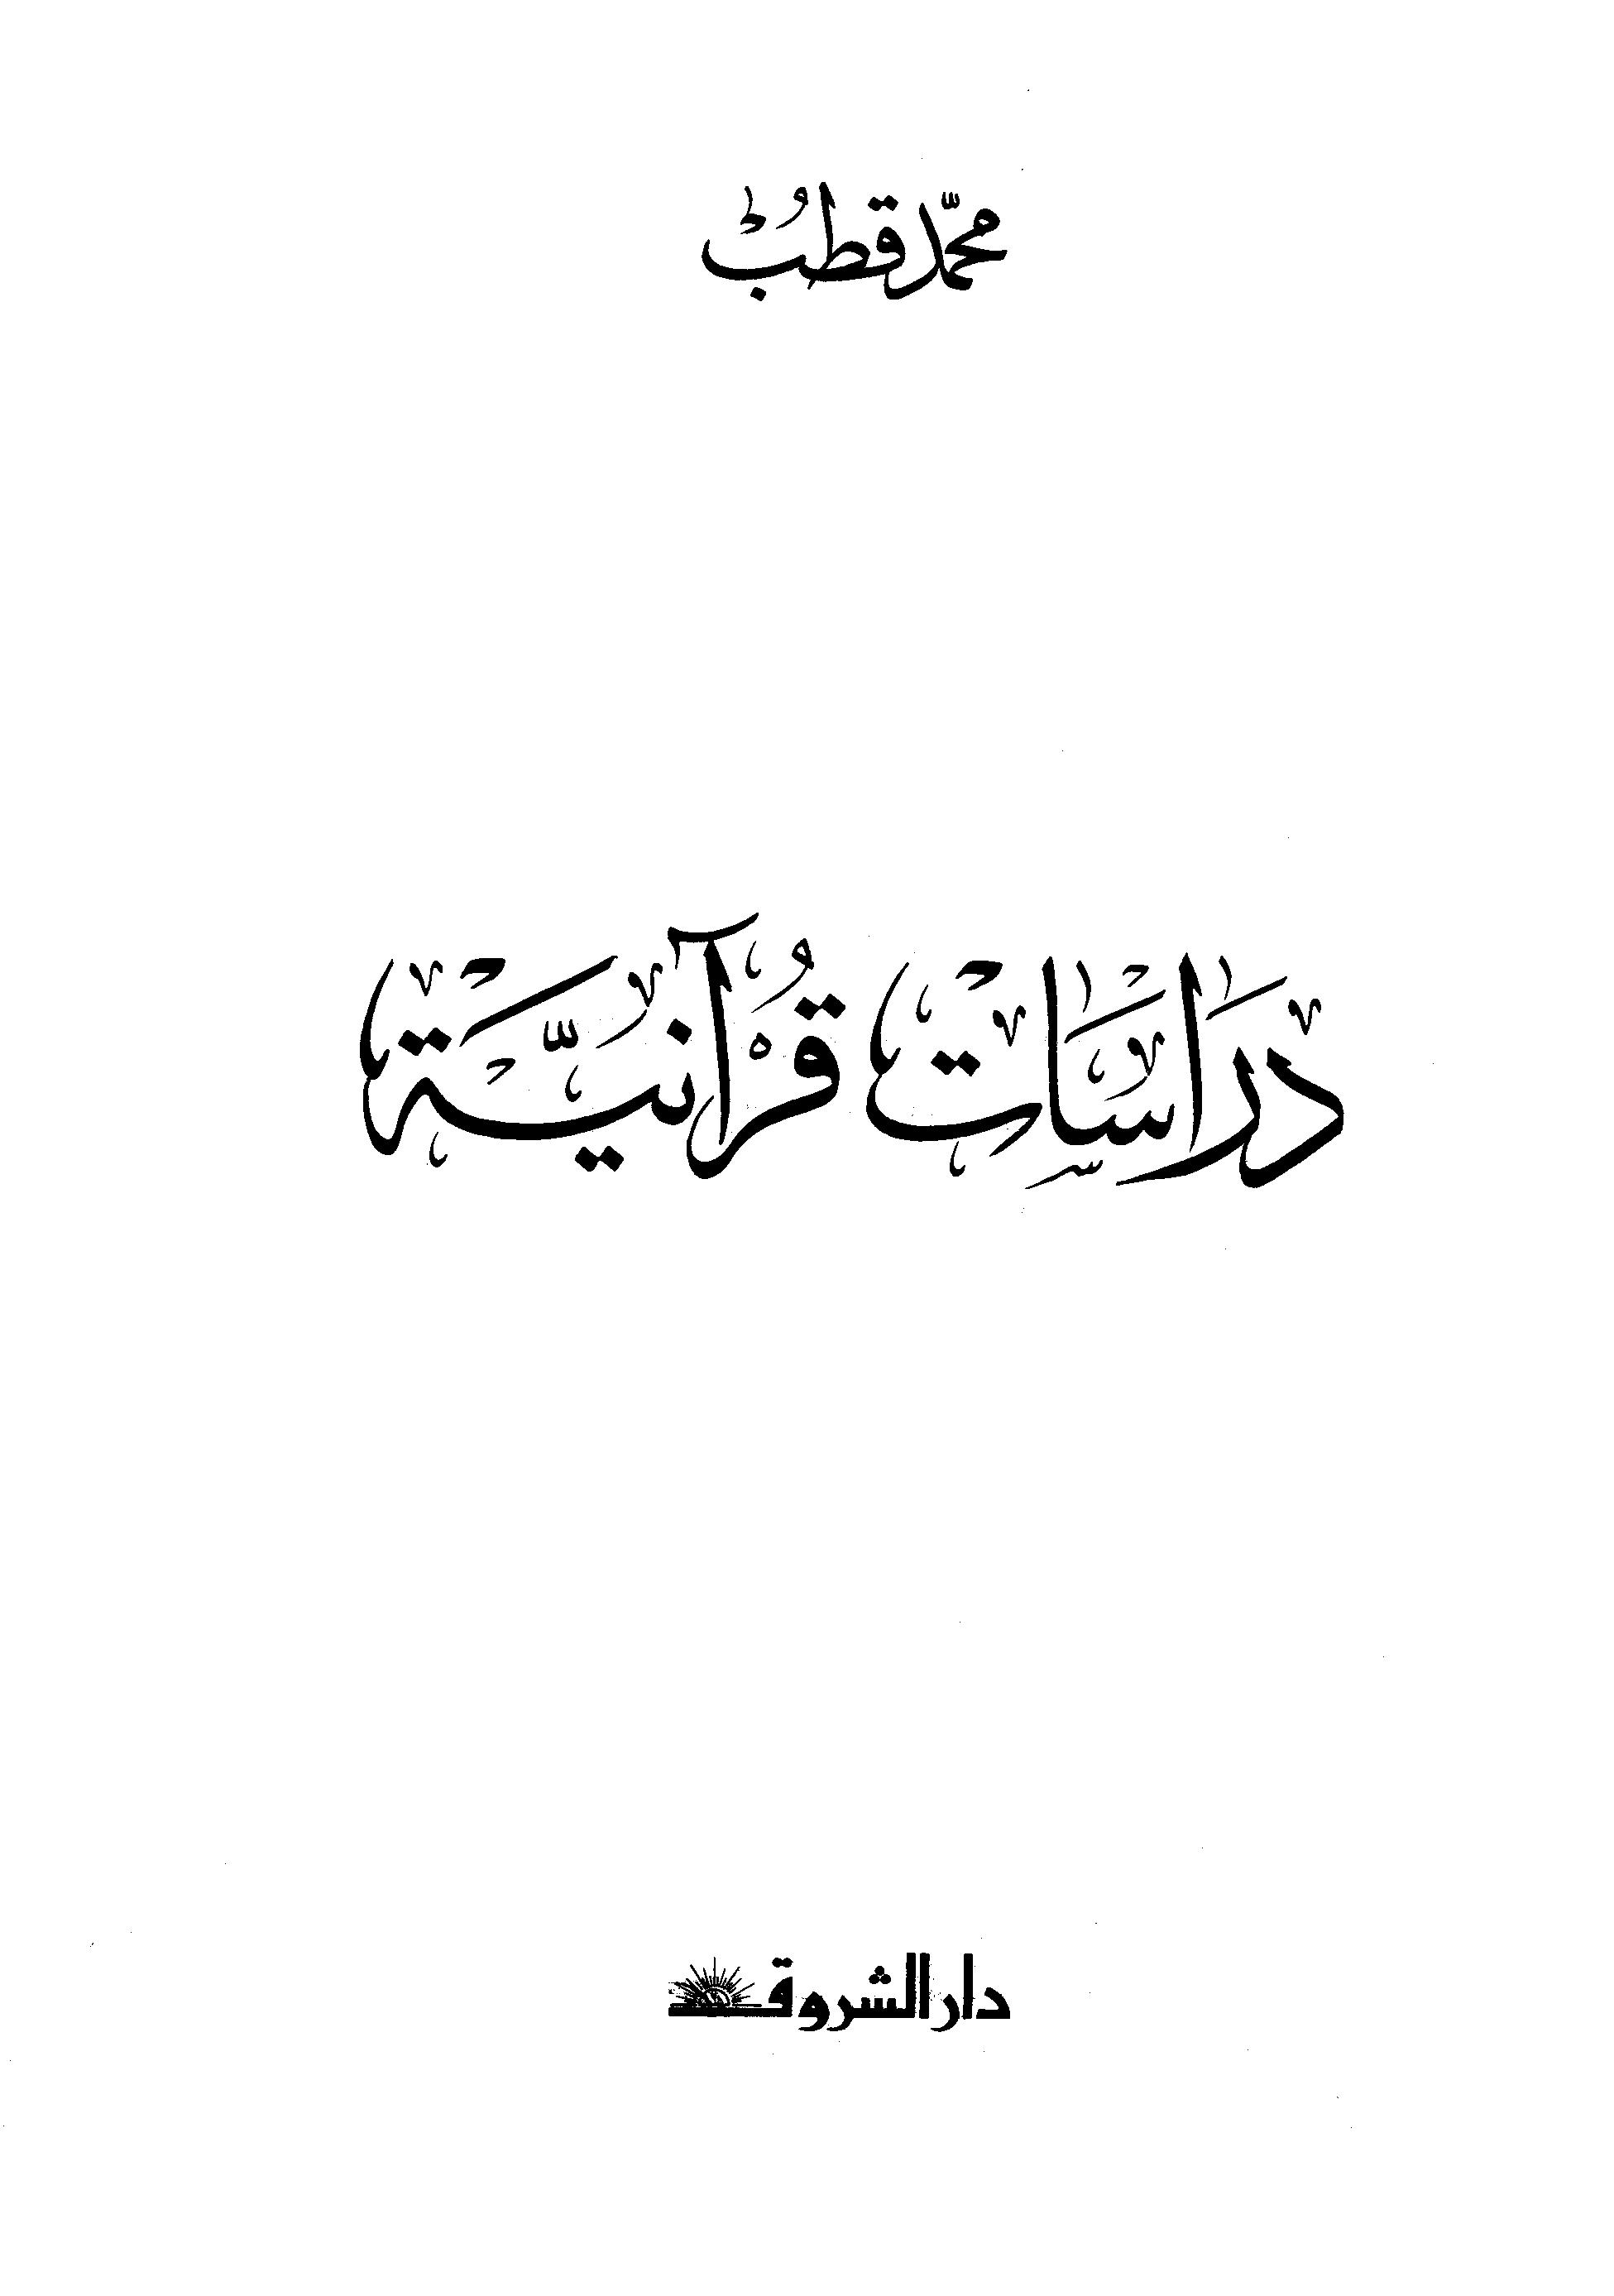 تحميل كتاب دراسات قرآنية لـِ: الدكتور محمد قطب إبراهيم حسين شاذلي (ت 1435)